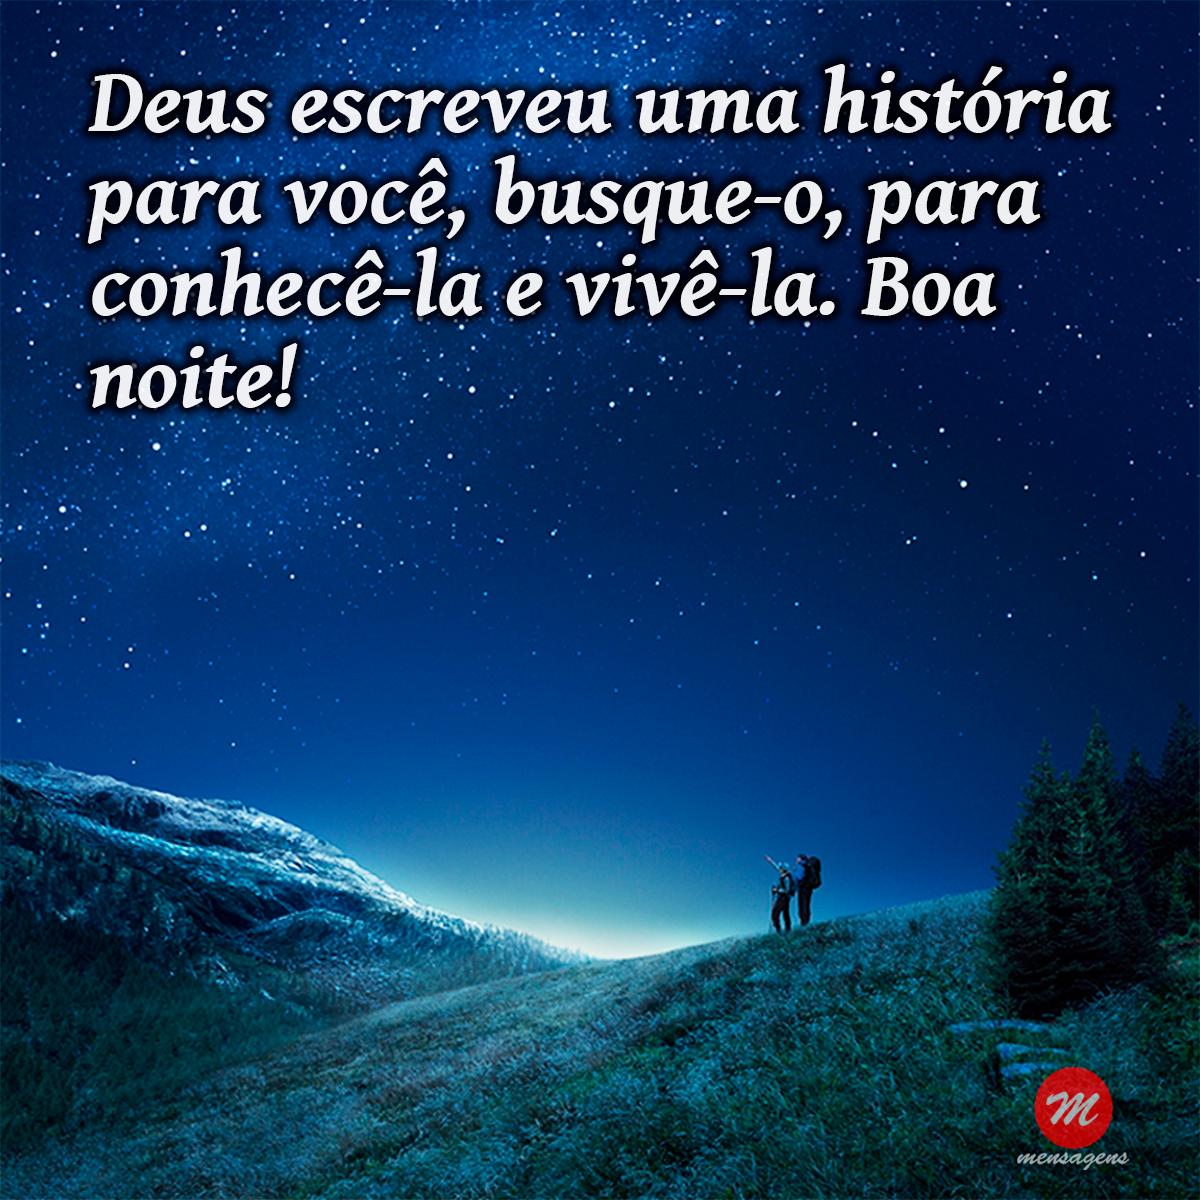 Deus escreveu uma história para você, busque-o, para conhecê-lá e vivê-la. Boa Noite!